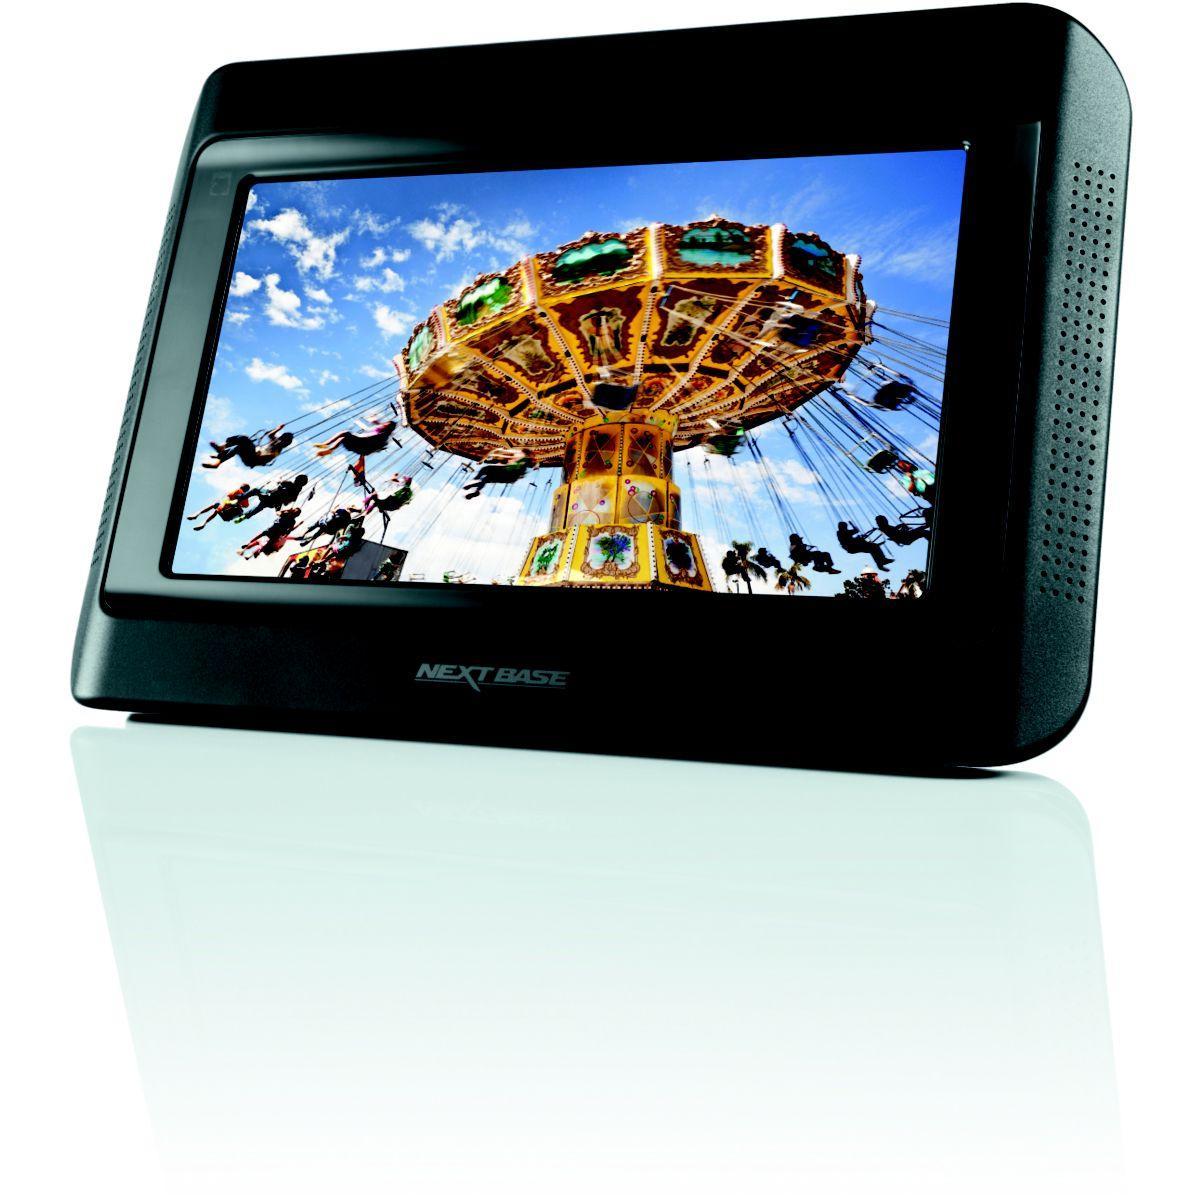 Lecteur dvd portable next base next 9 lite uno - 7% de remise ...